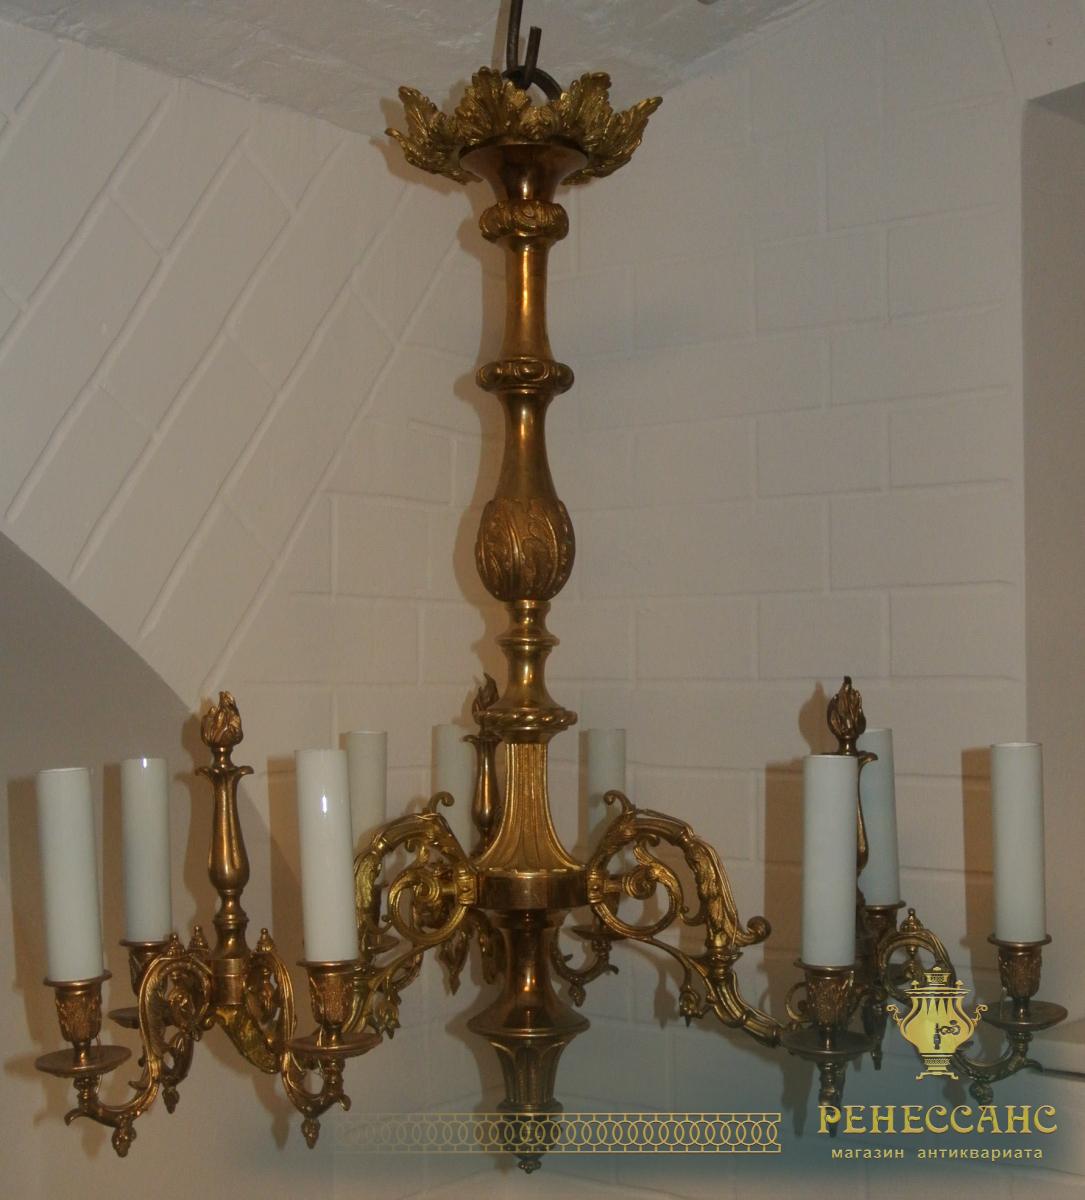 Люстра старинная бронзовая на 9 лампочек, очень тяжелая, красивая №1748